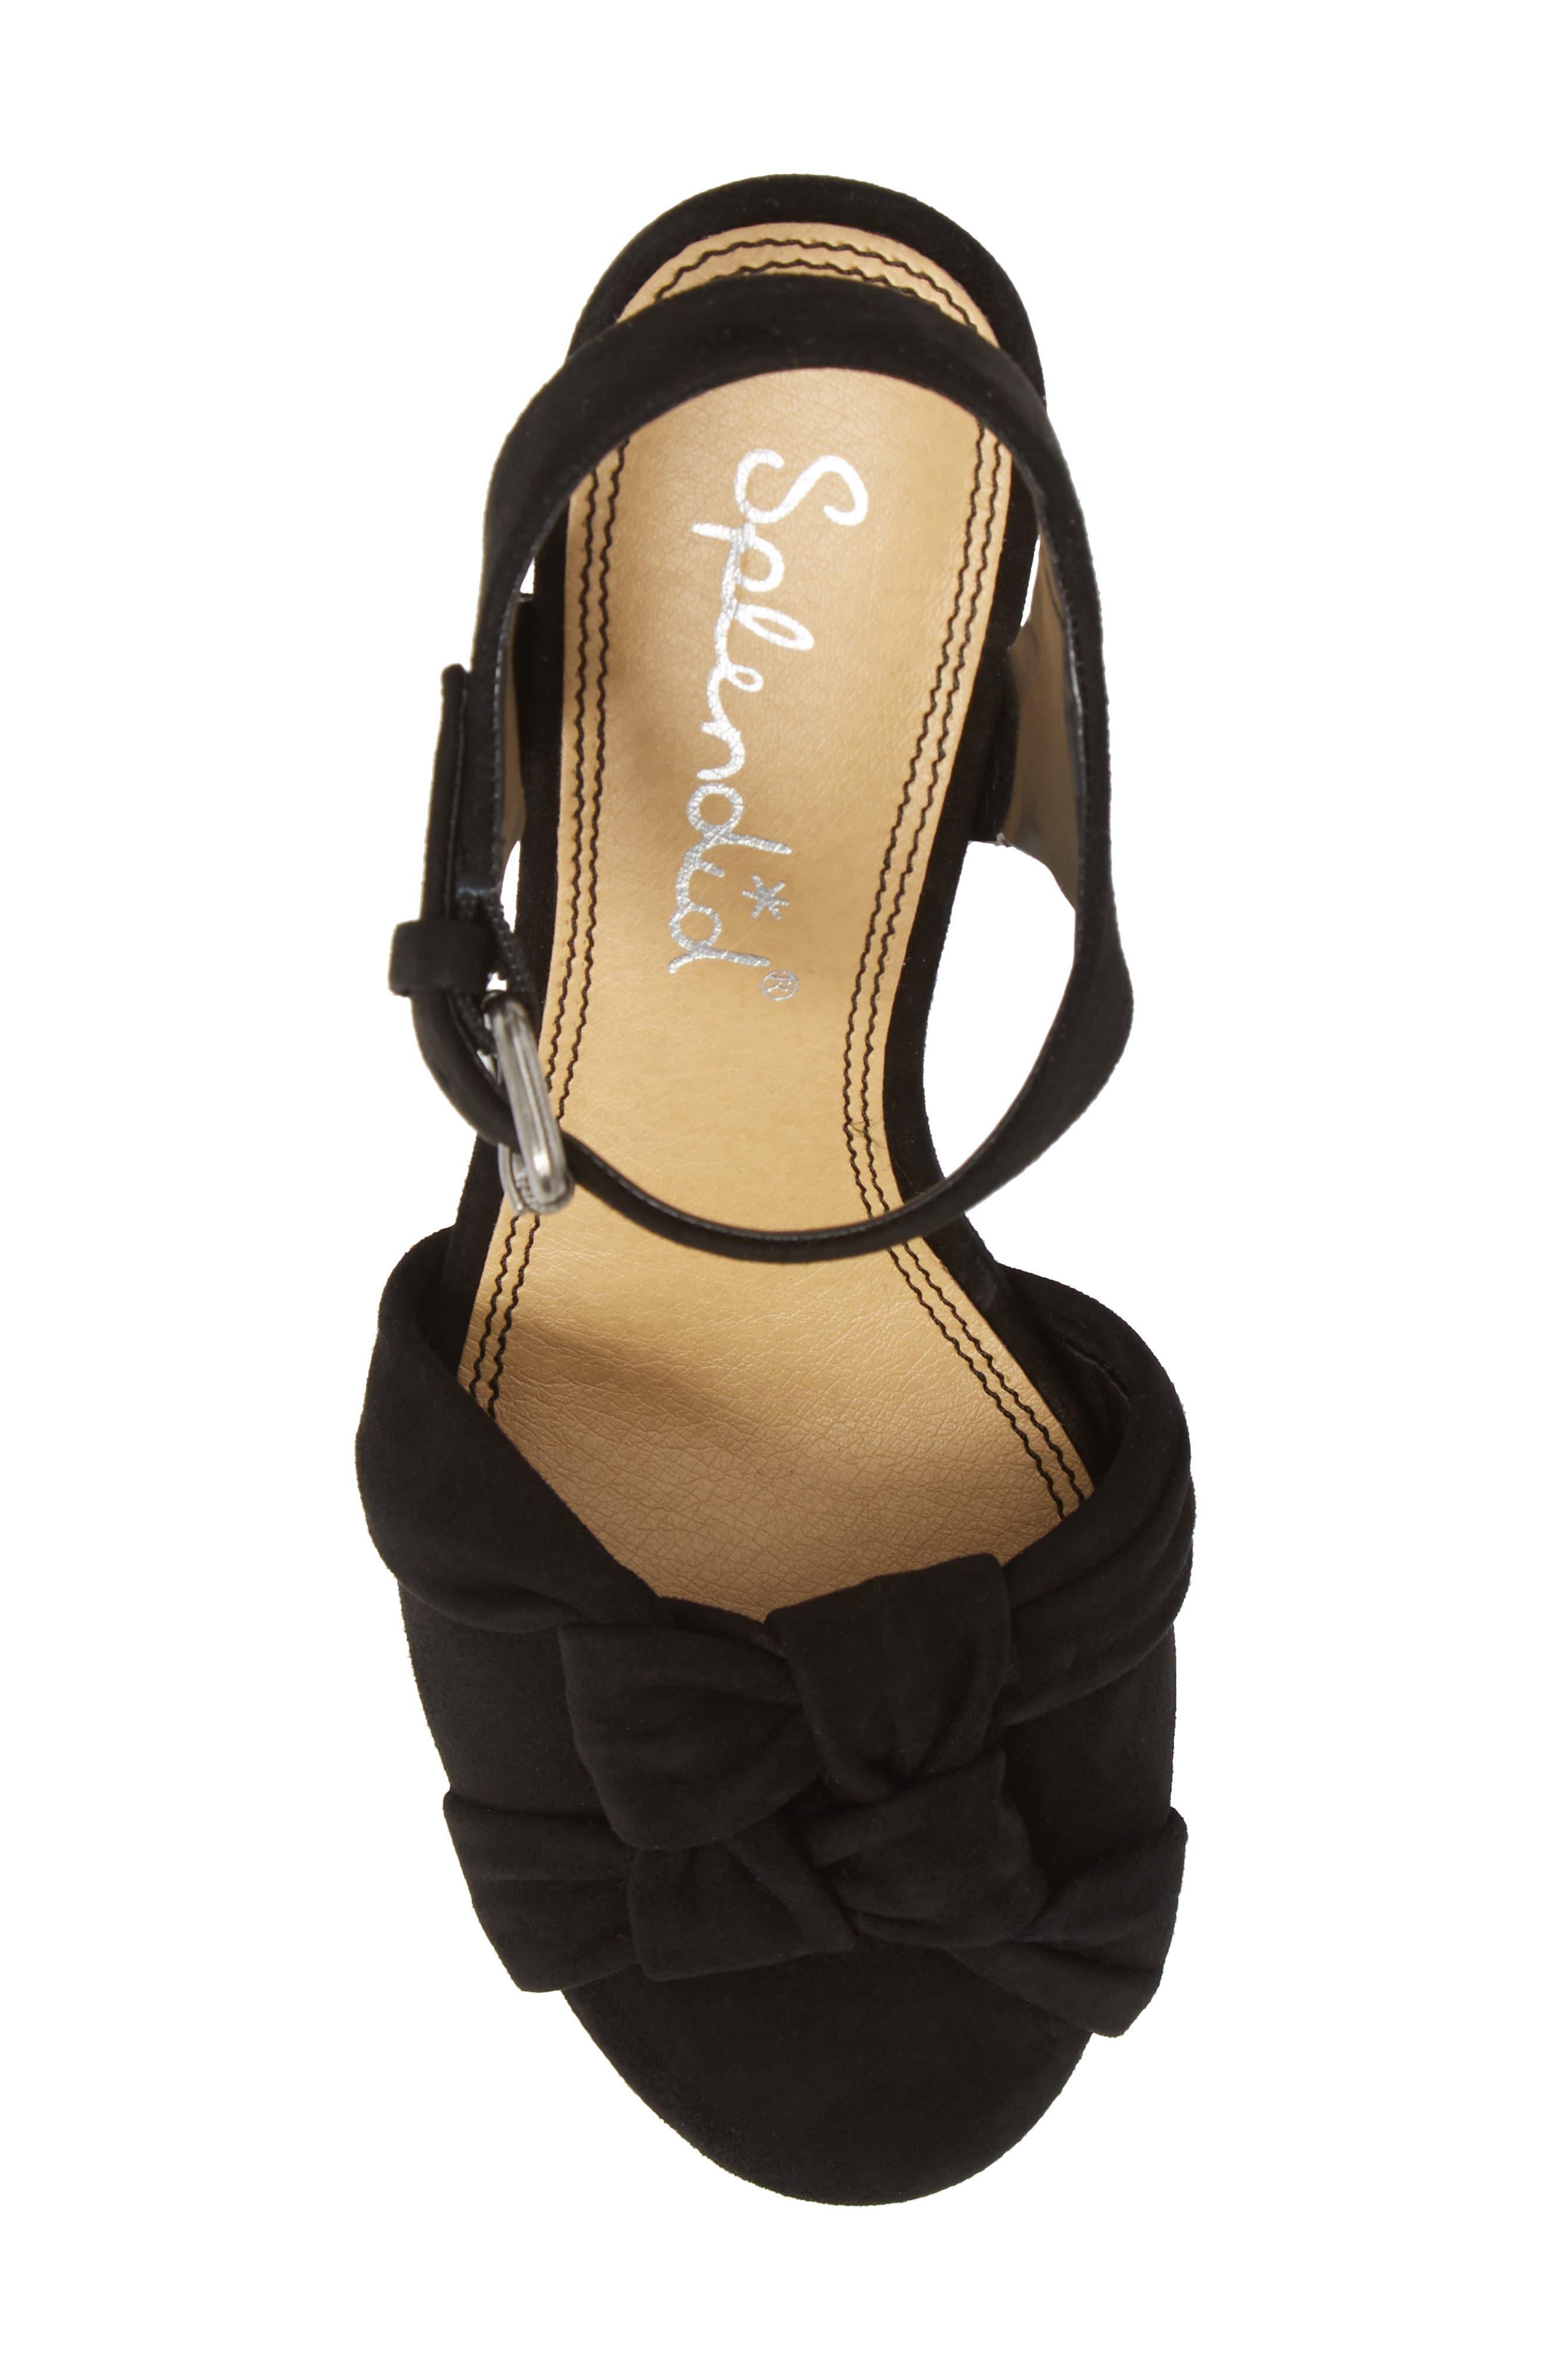 Nada Platform Wedge Sandal,                             Alternate thumbnail 5, color,                             BLACK SUEDE